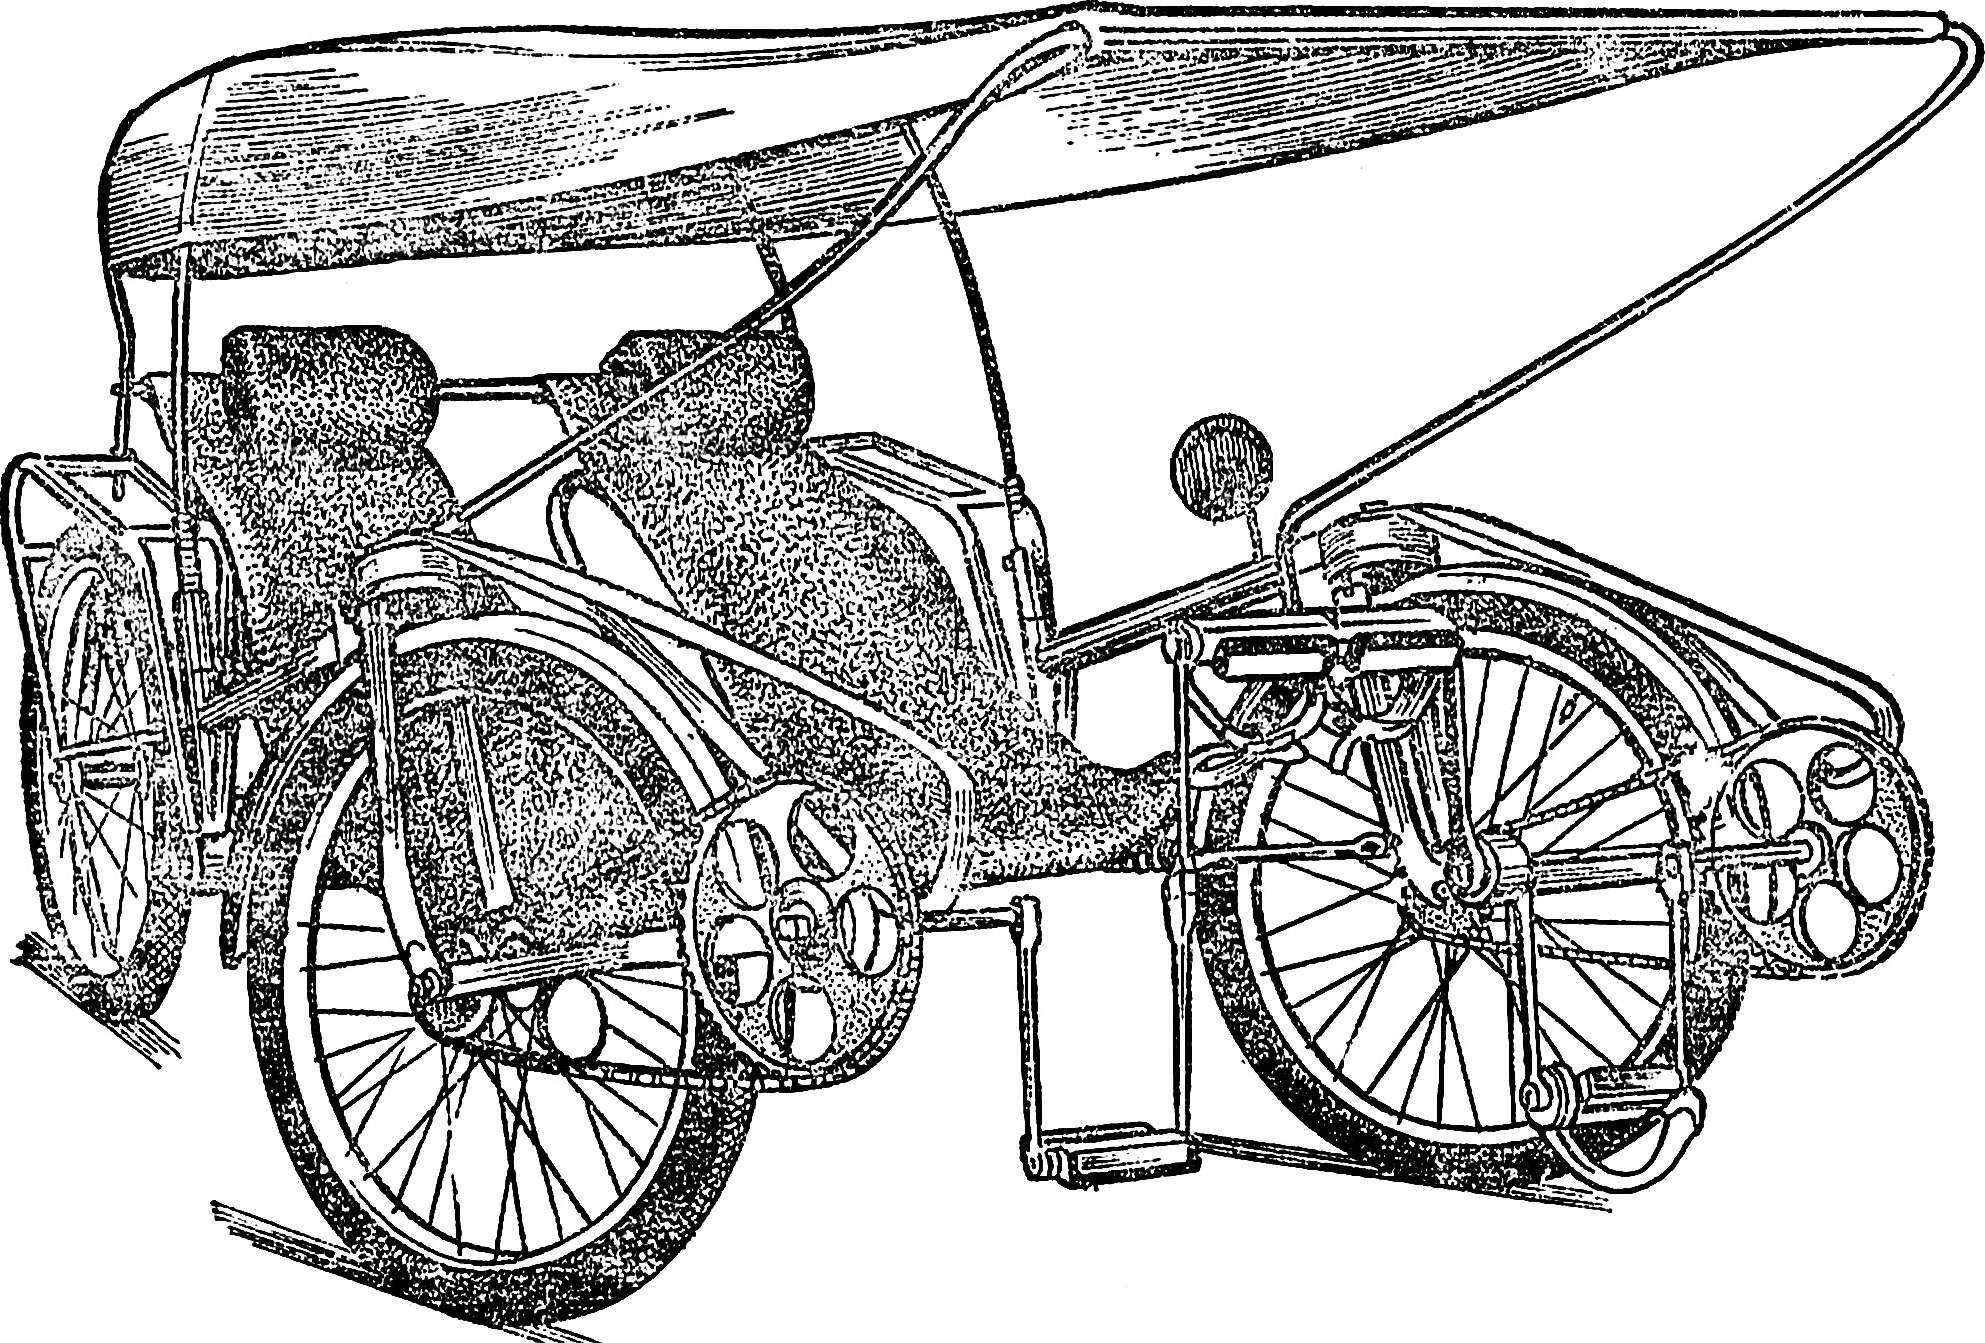 Этот двухместный велофаэтон, созданный Е. Каргиным из города Казани, имеет оригинальный привод передних колес: коленчатый вал ножного педального привода является здесь одновременно и поперечной тягой рулевой трапеции.